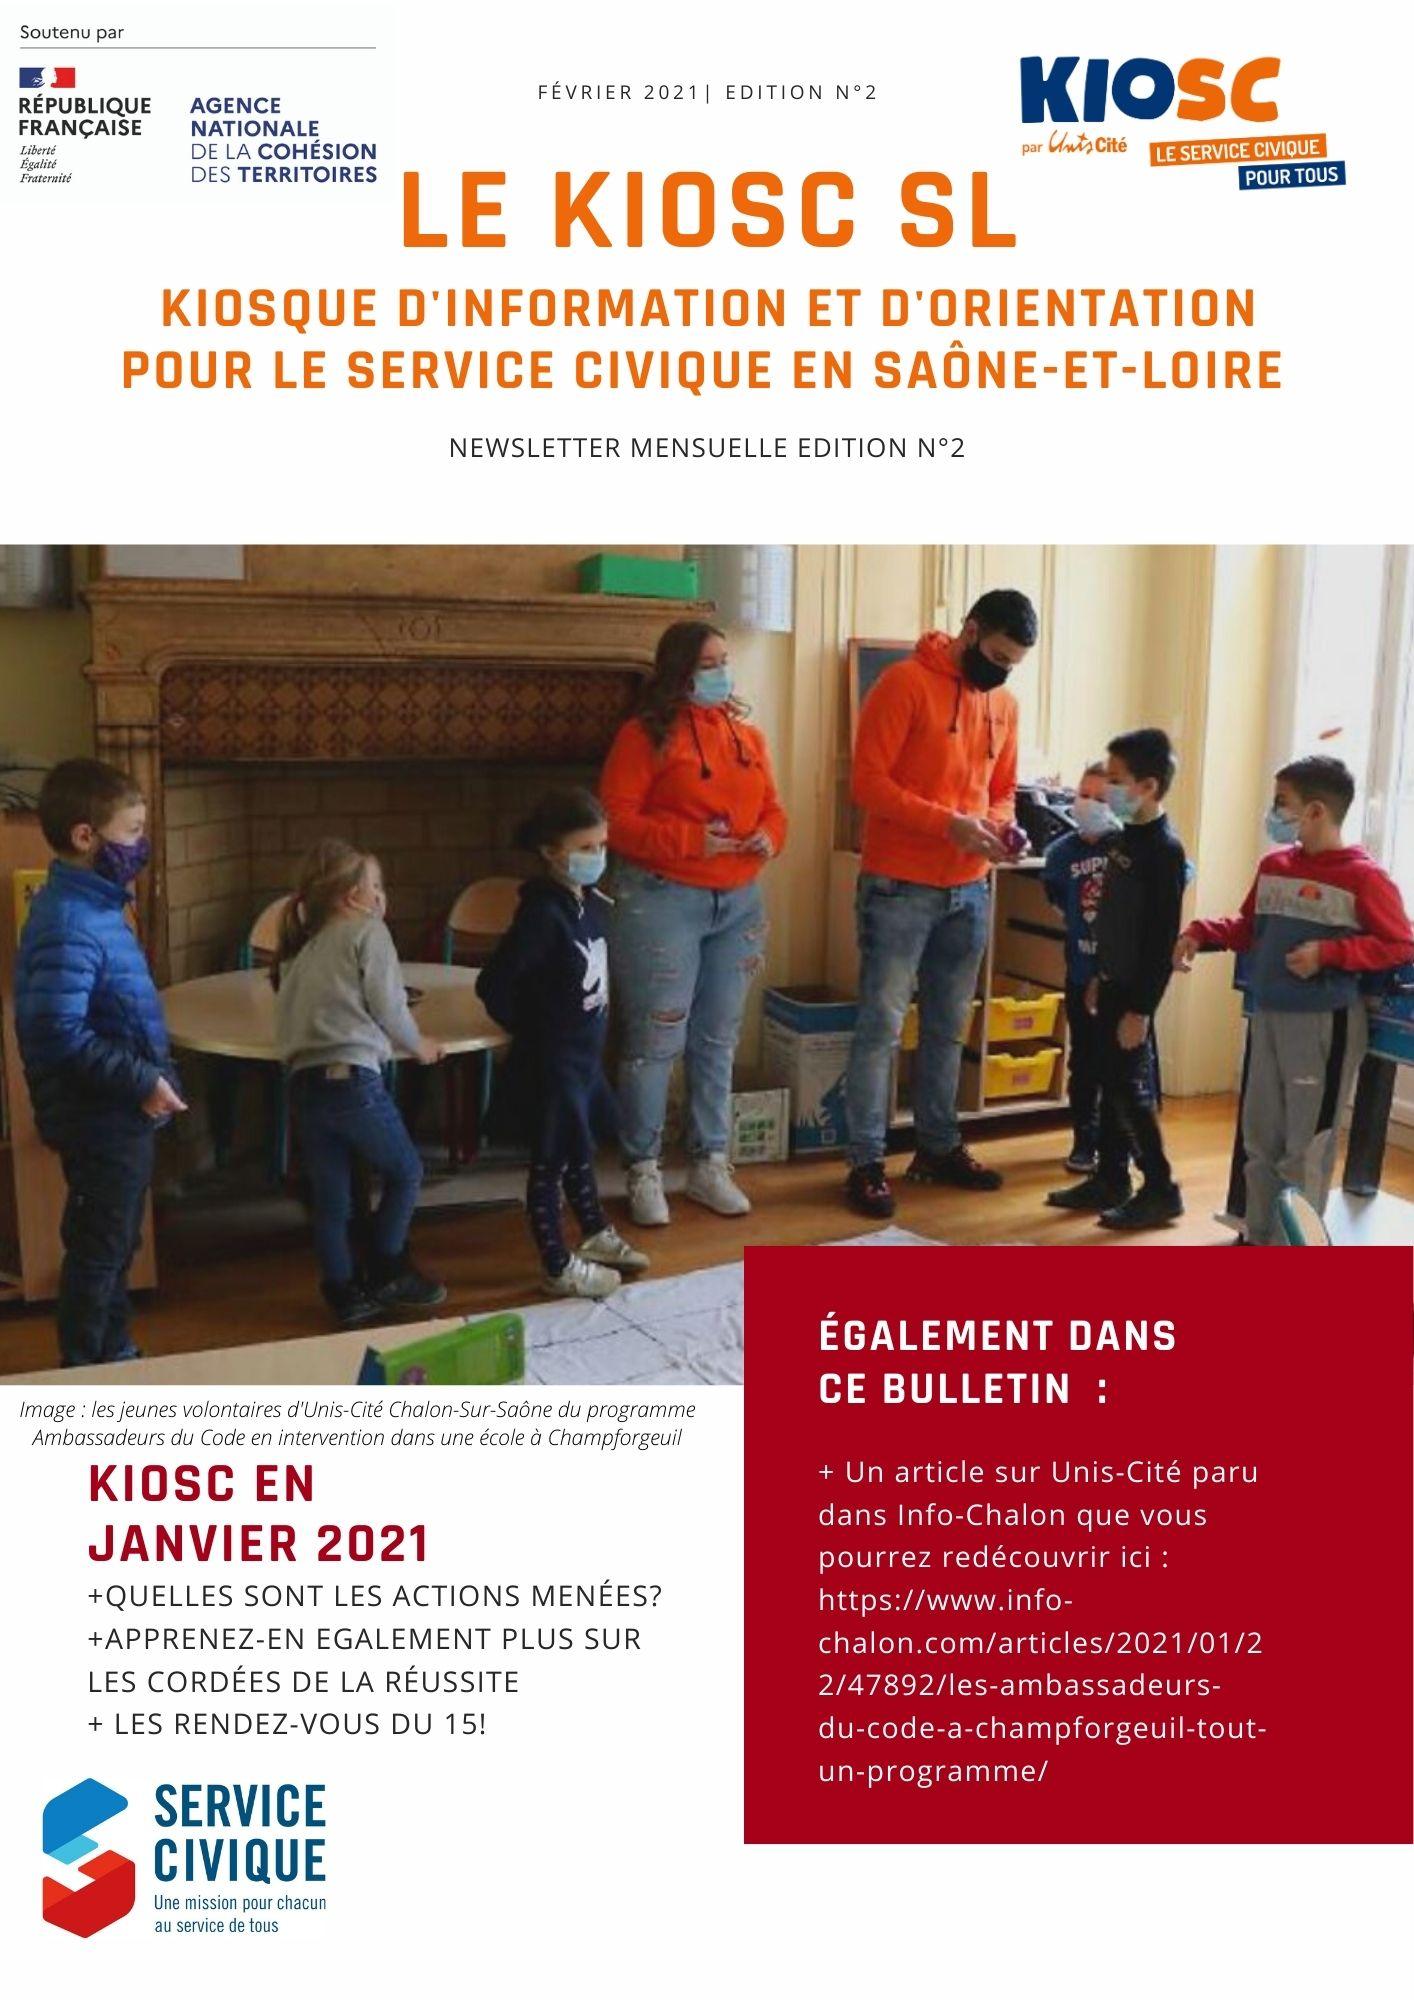 Newsletter KIOSC 71 de Février 2021 sur les actualités de Janvier 2021